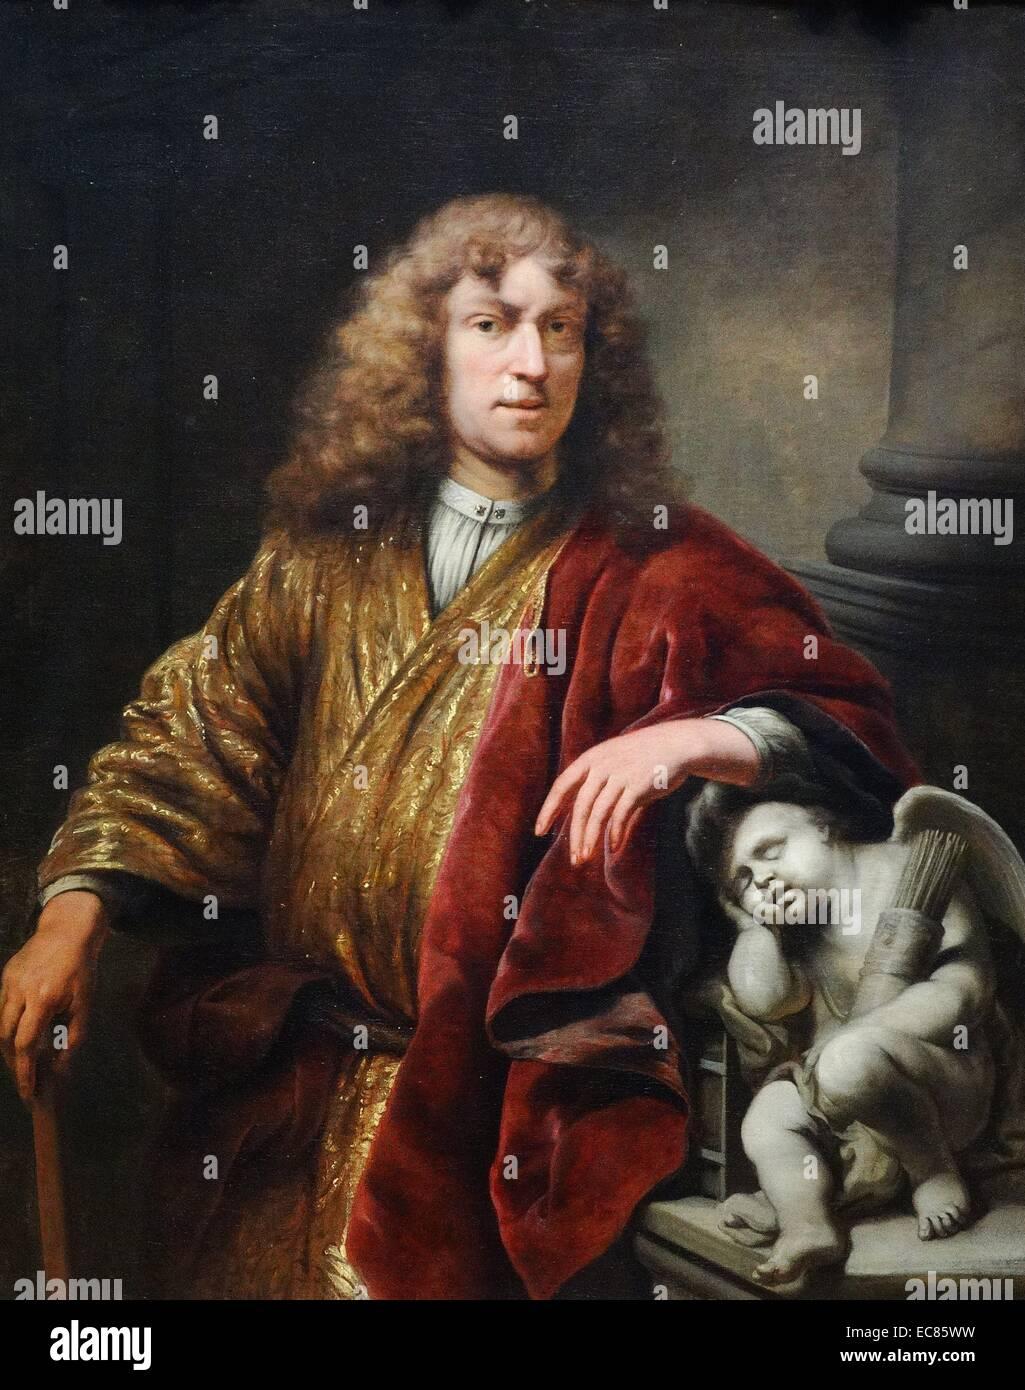 Autoportrait de Ferdinand Bol (1616-1680) artiste néerlandais, aquafortiste et rapporteur pour avis. En date Photo Stock